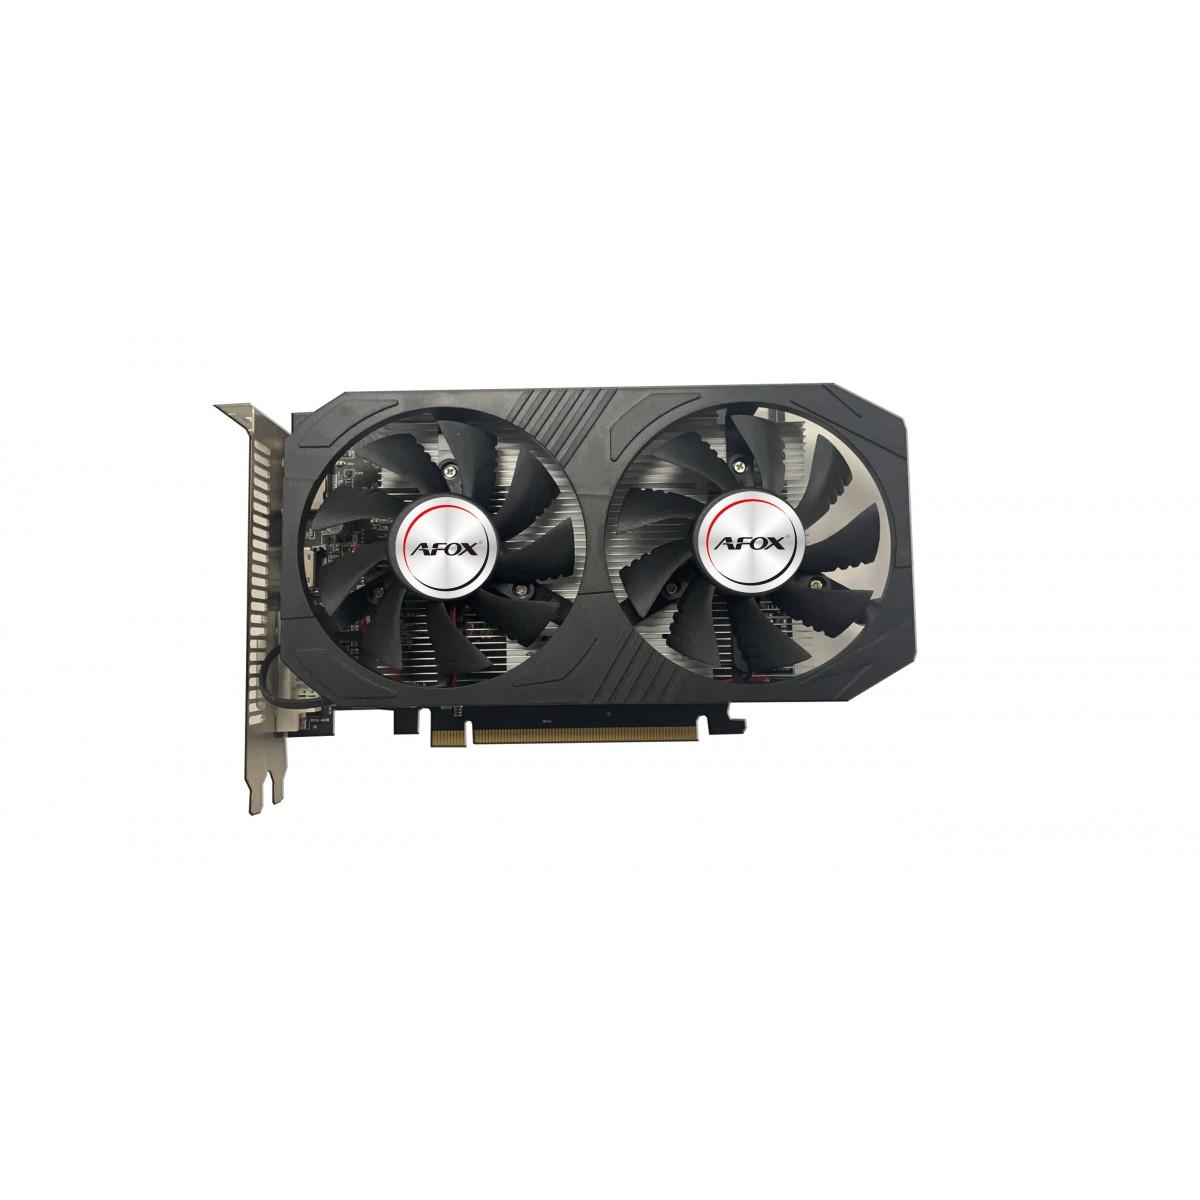 Placa de Vídeo Radeon RX 560-D, 4GB GDDR5, 128Bit, AFRX560D-4096D5H4-v2